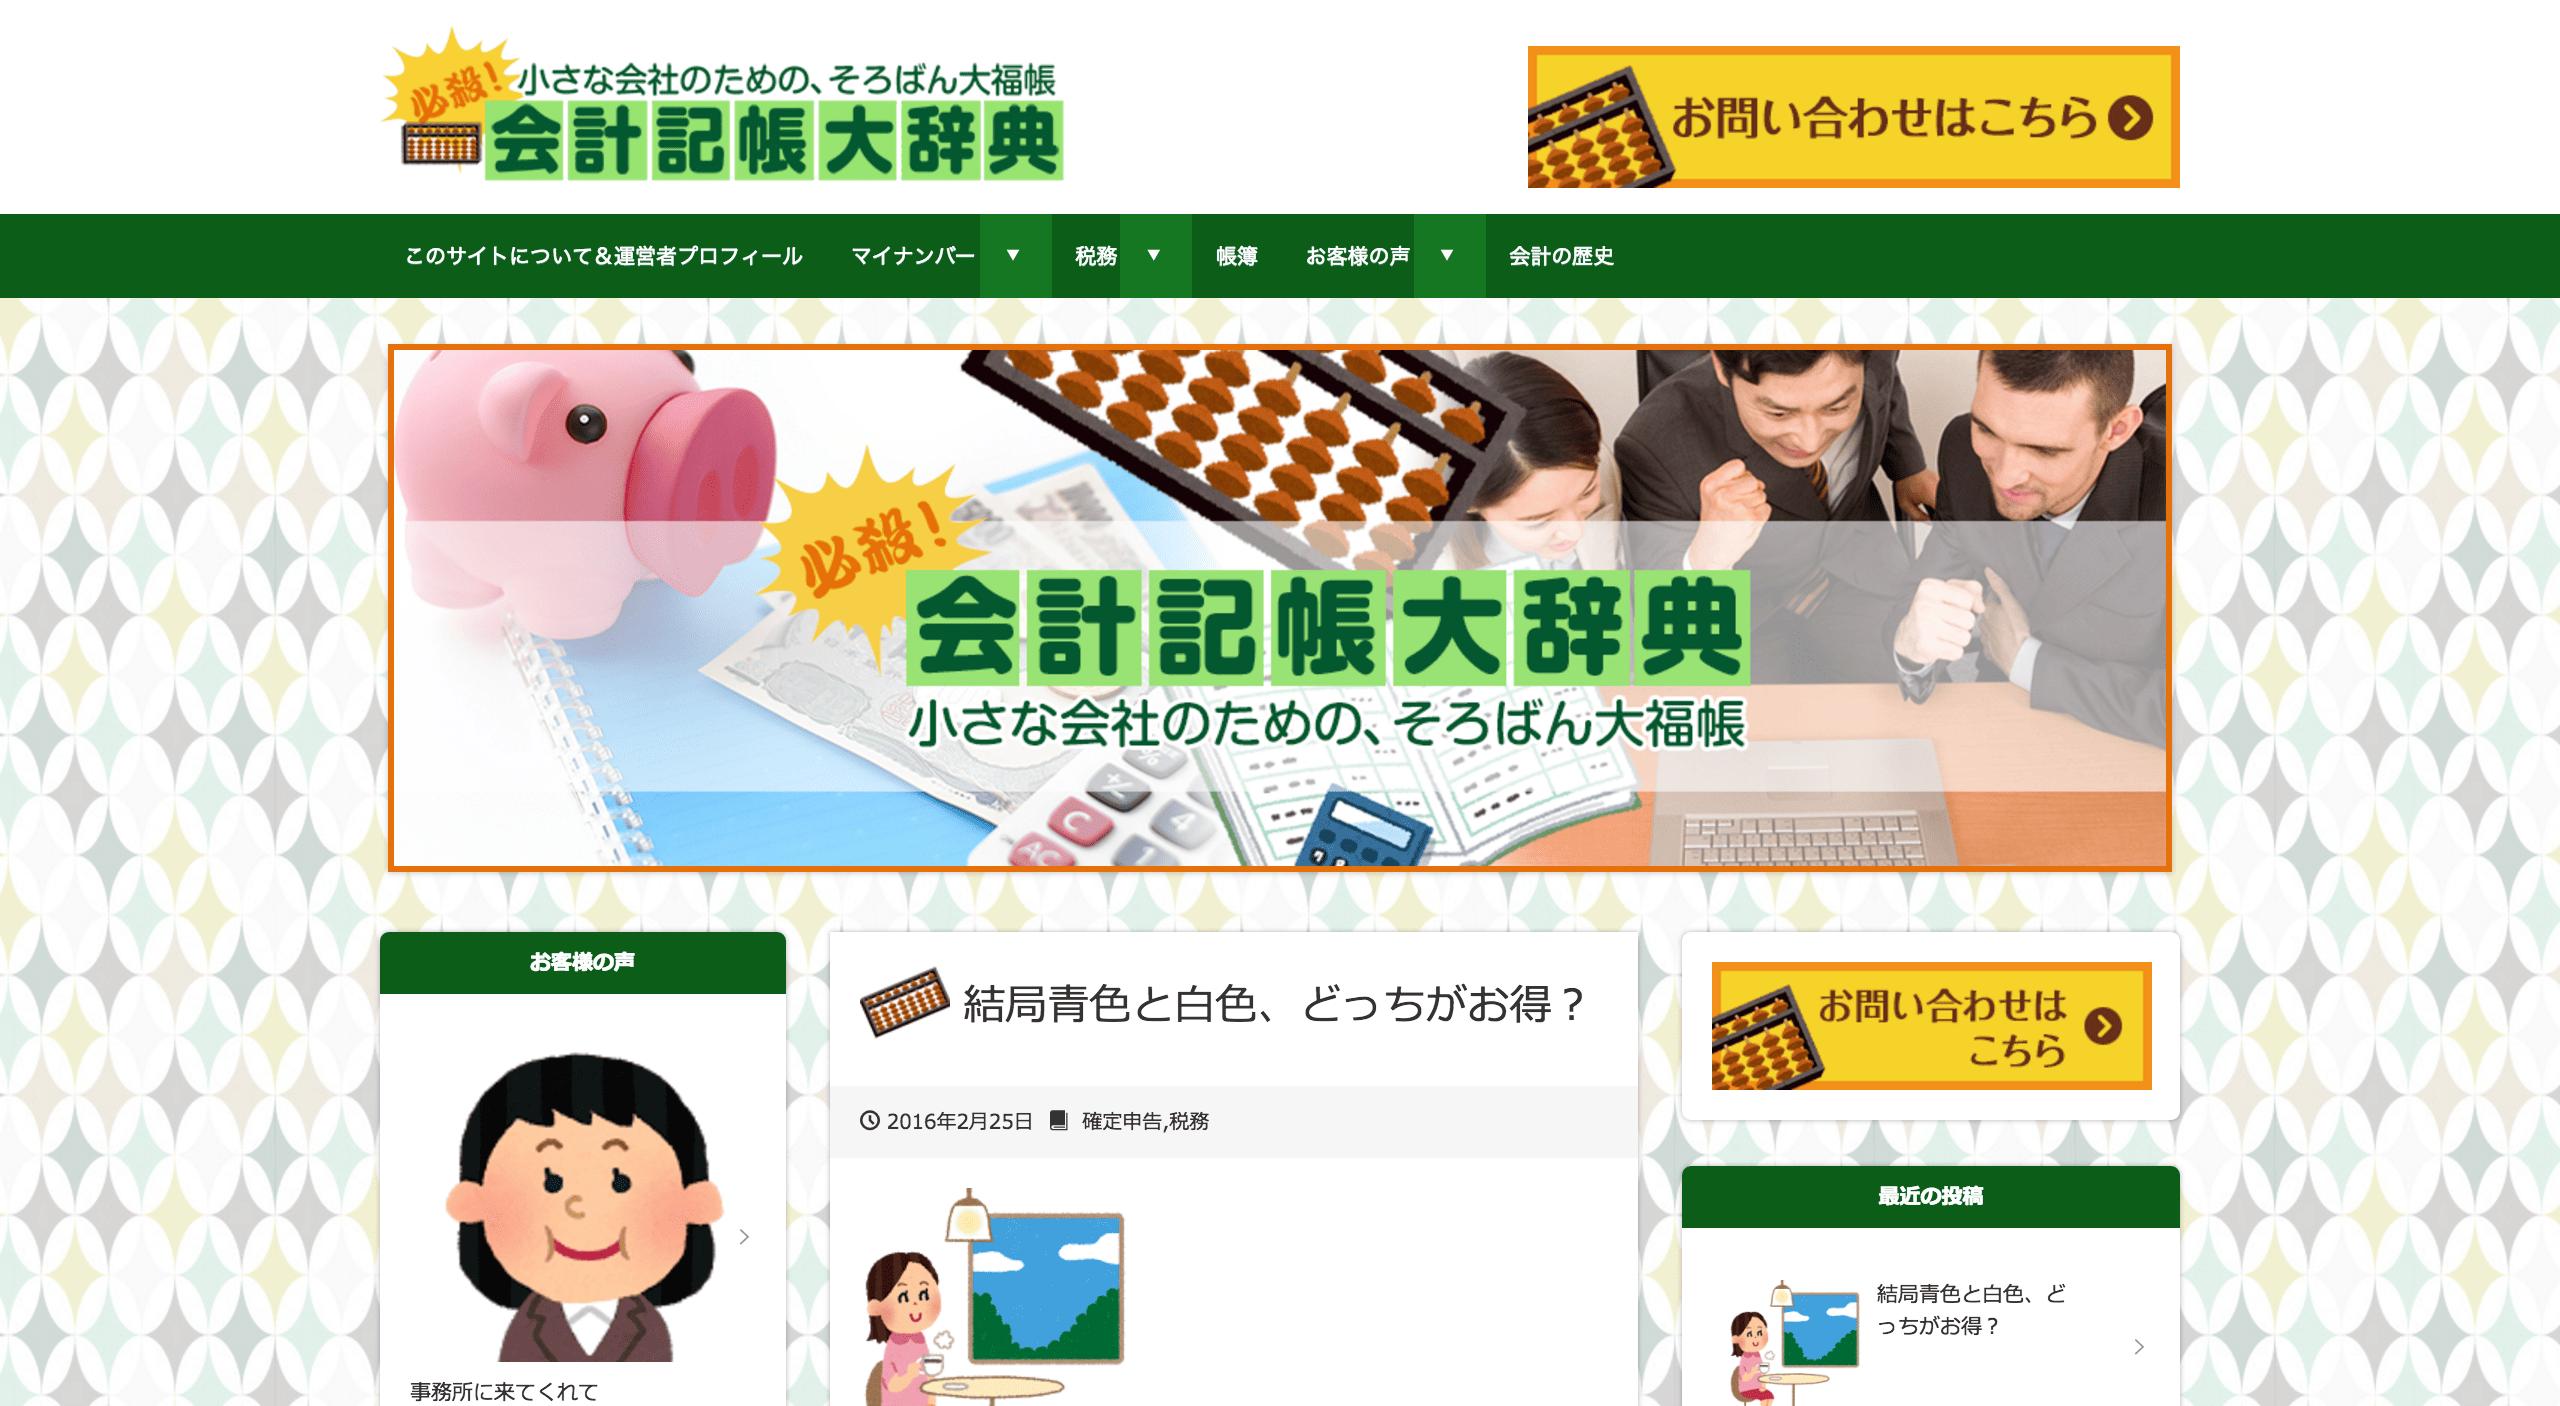 【神戸市】必殺!会計記帳大辞典 小さな会社のための、そろばん大福帳